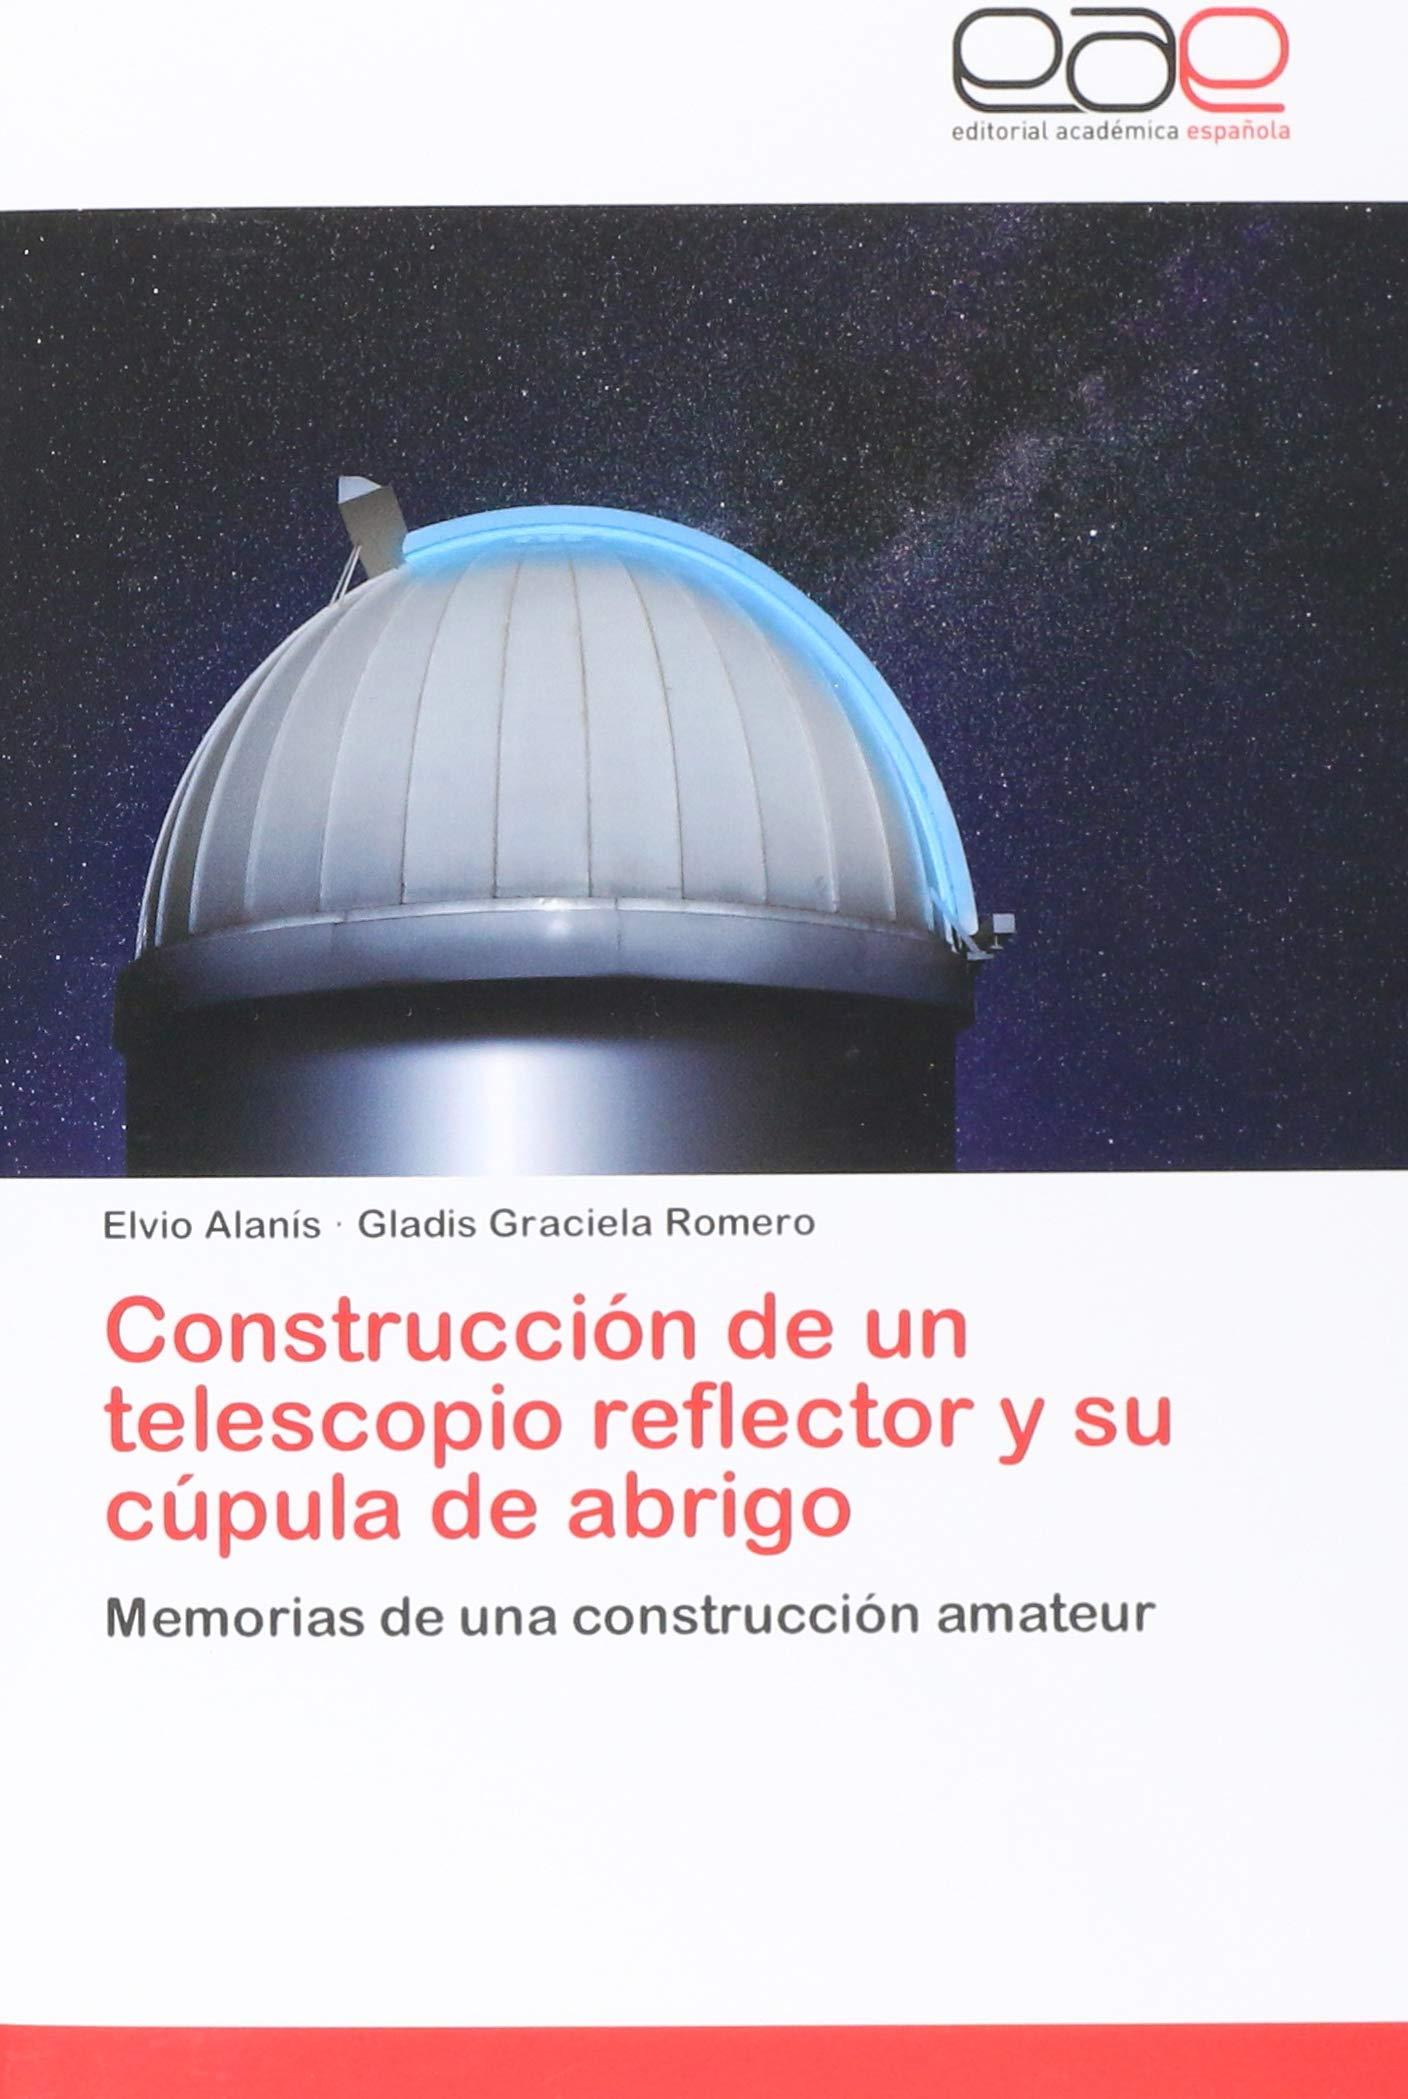 Construcción de un telescopio reflector y su cúpula de abrigo: Memorias de una construcción amateur (Spanish Edition): Elvio Alanís, Gladis Graciela Romero: ...